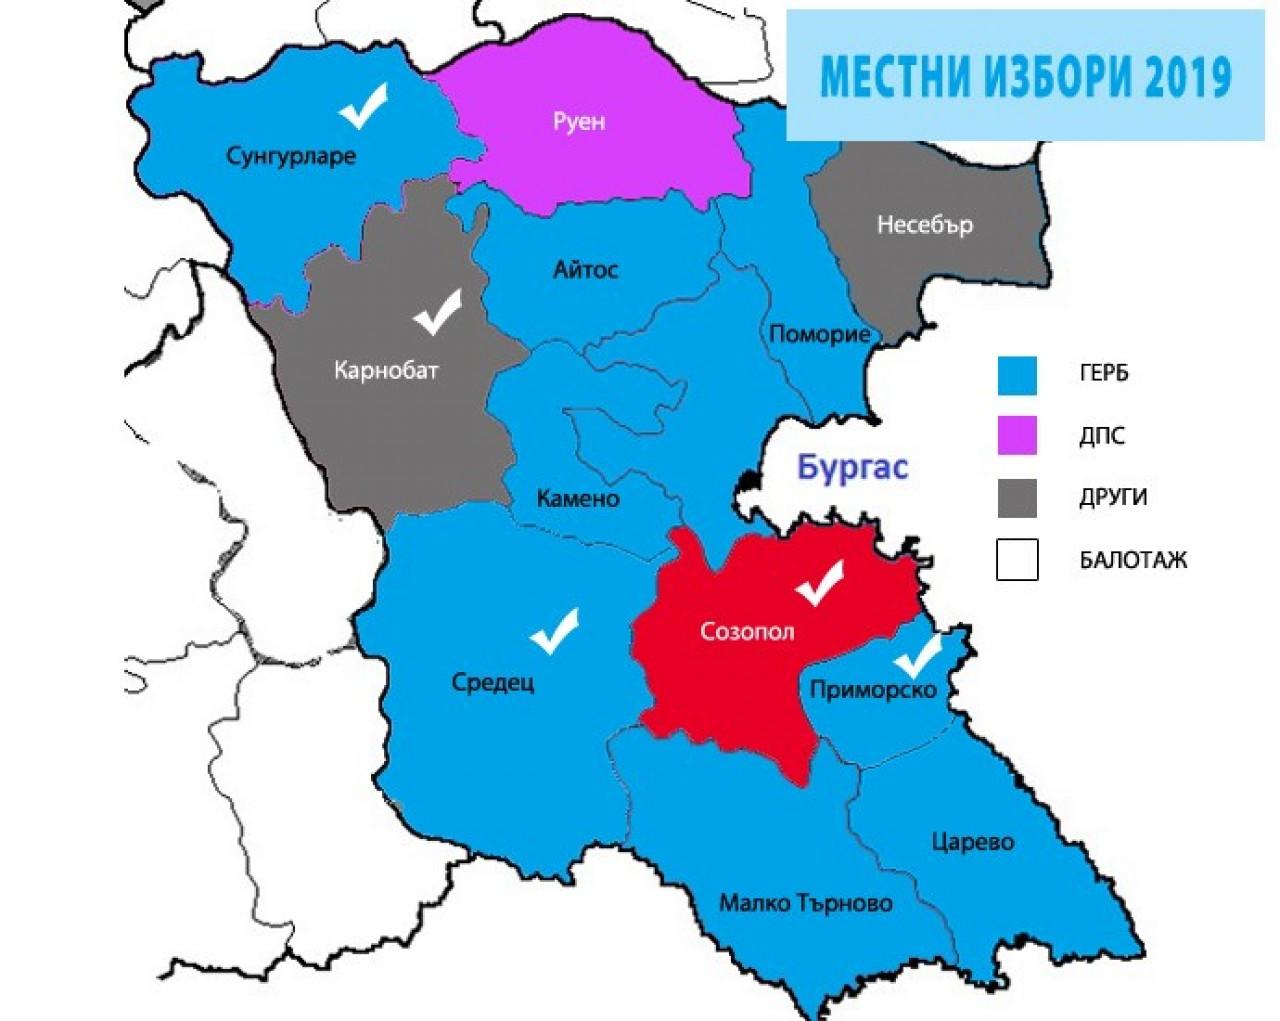 Eto Kartata Na Burgaska Oblast Sled Balotazha Germanov Specheli